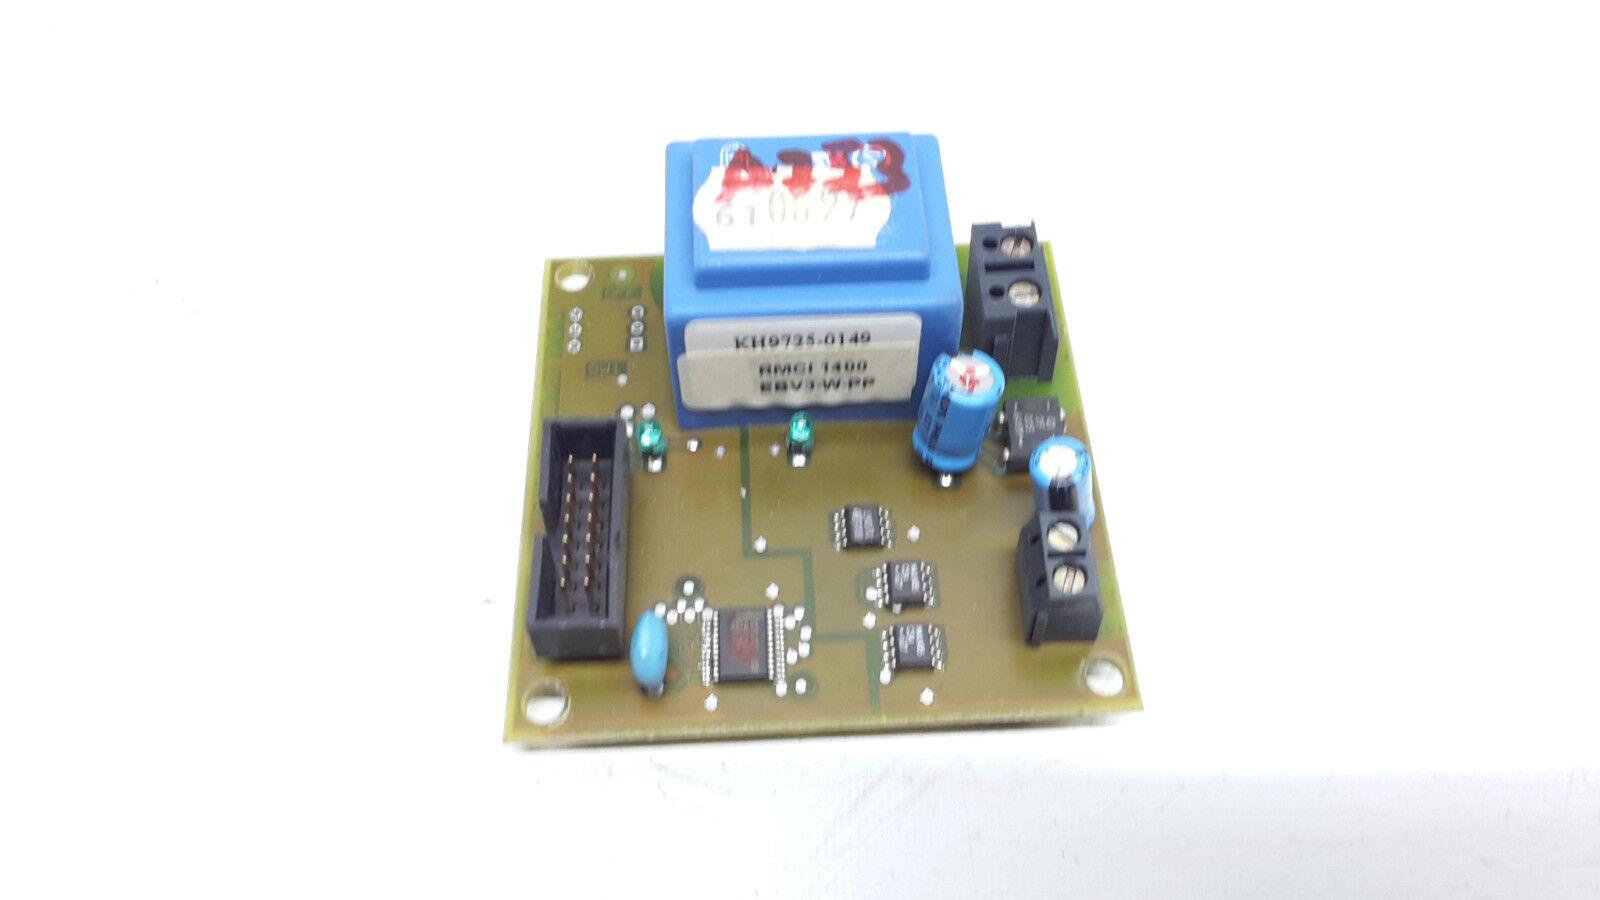 Weishaupt RMCI 1400 Schnittstelle EBV-3-w-PP  KH9725-0149   a753